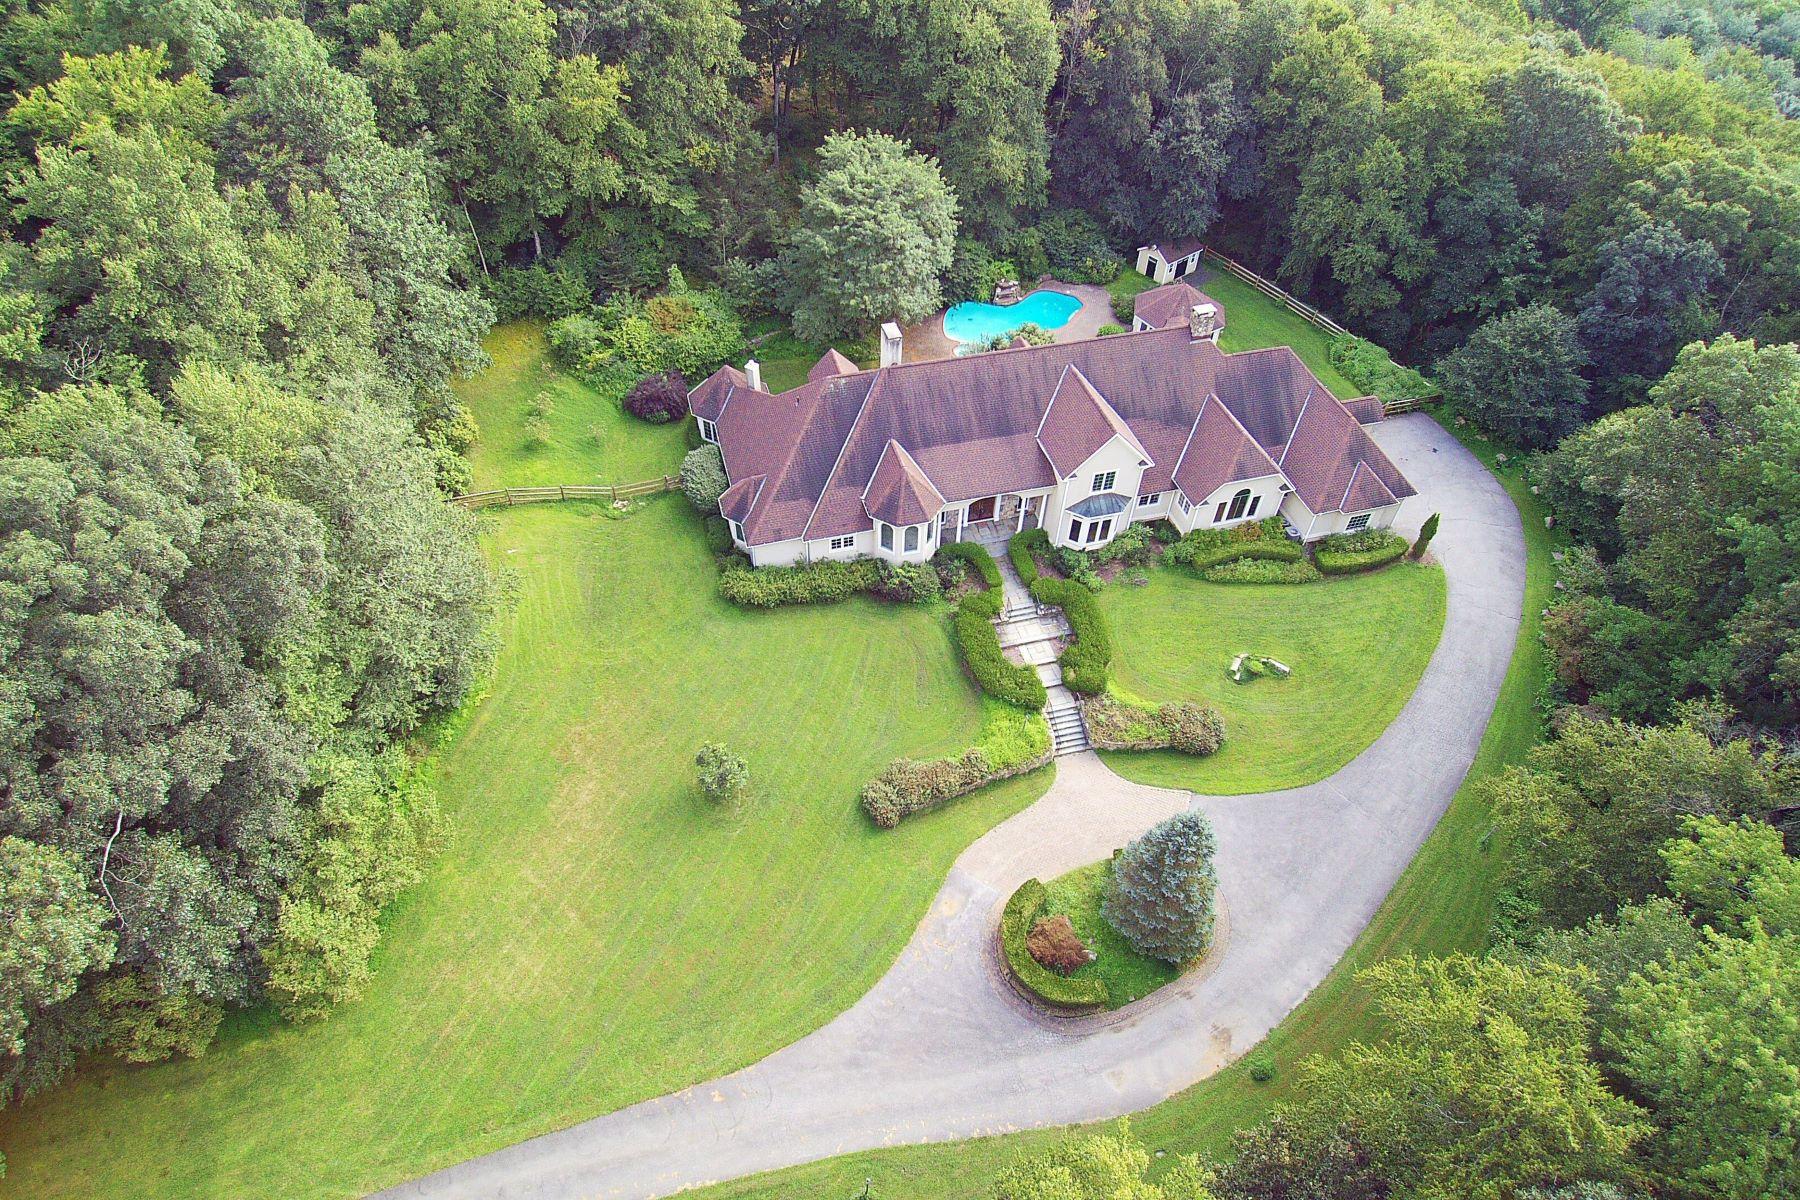 独户住宅 为 销售 在 Idyllic Country Manor 96 Topstone Road 雷丁, 康涅狄格州 06896 美国